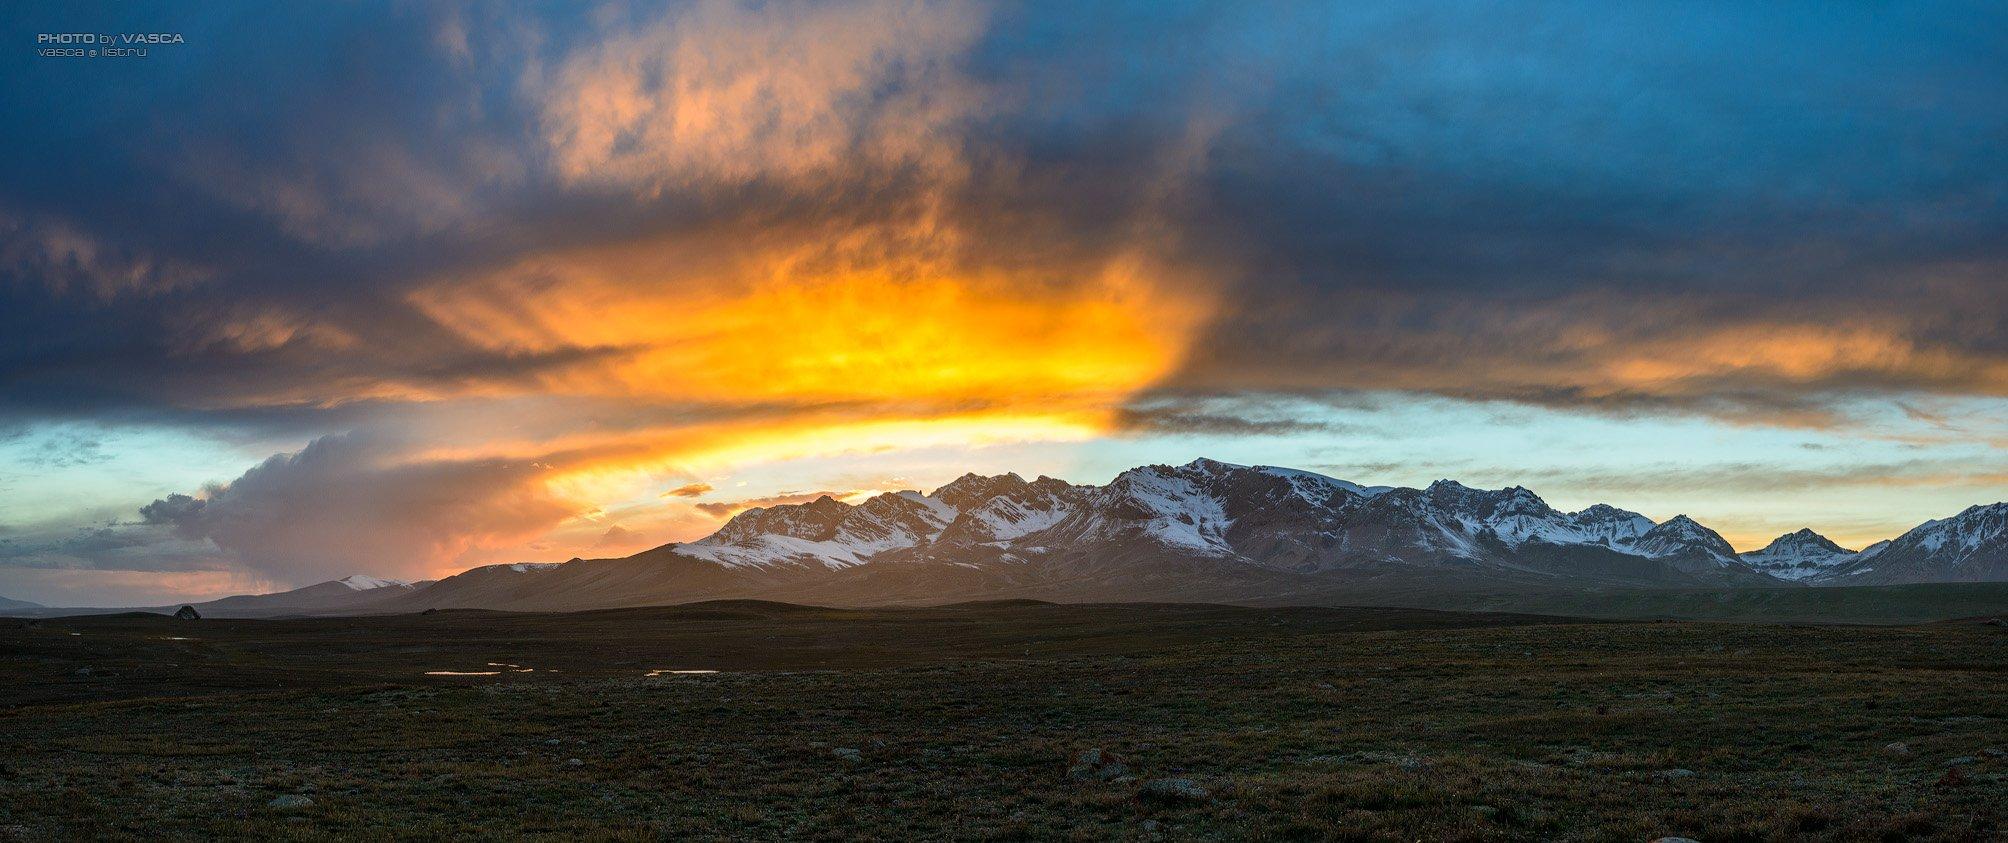 природа, пейзаж, горы, закат, Vasca